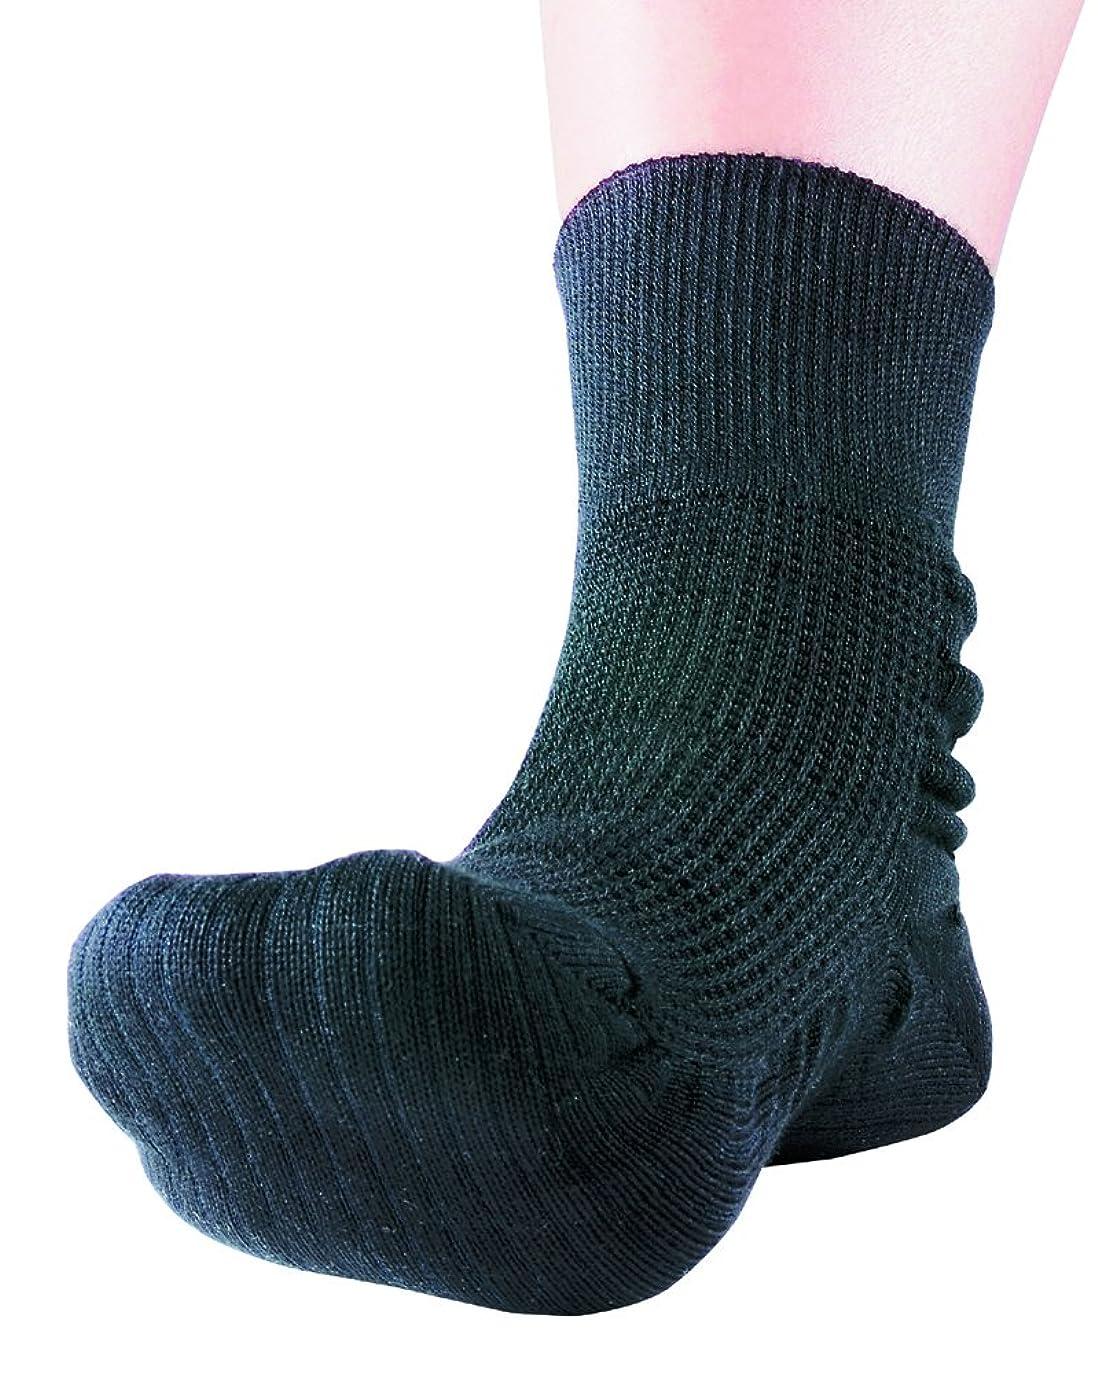 破壊ハッチ粘液つま先上がり足裏健康靴下 Sブラック